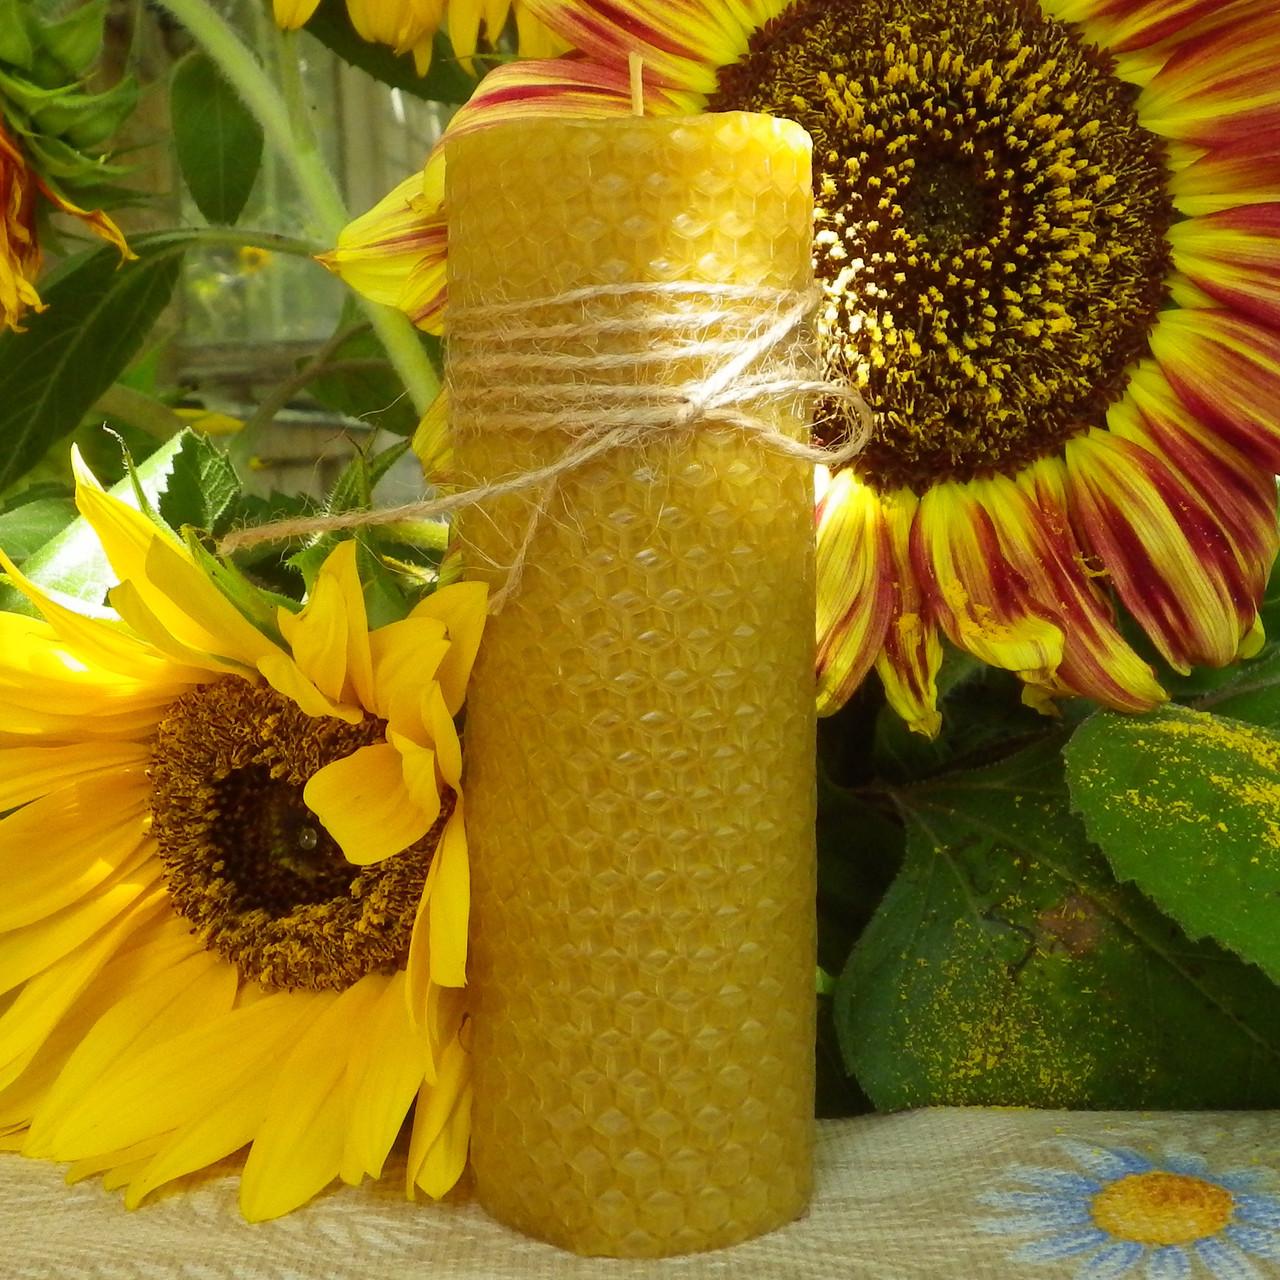 Цилиндрическая восковая свеча D30-70мм из натуральной вощины (натуральный пчелиный воск)